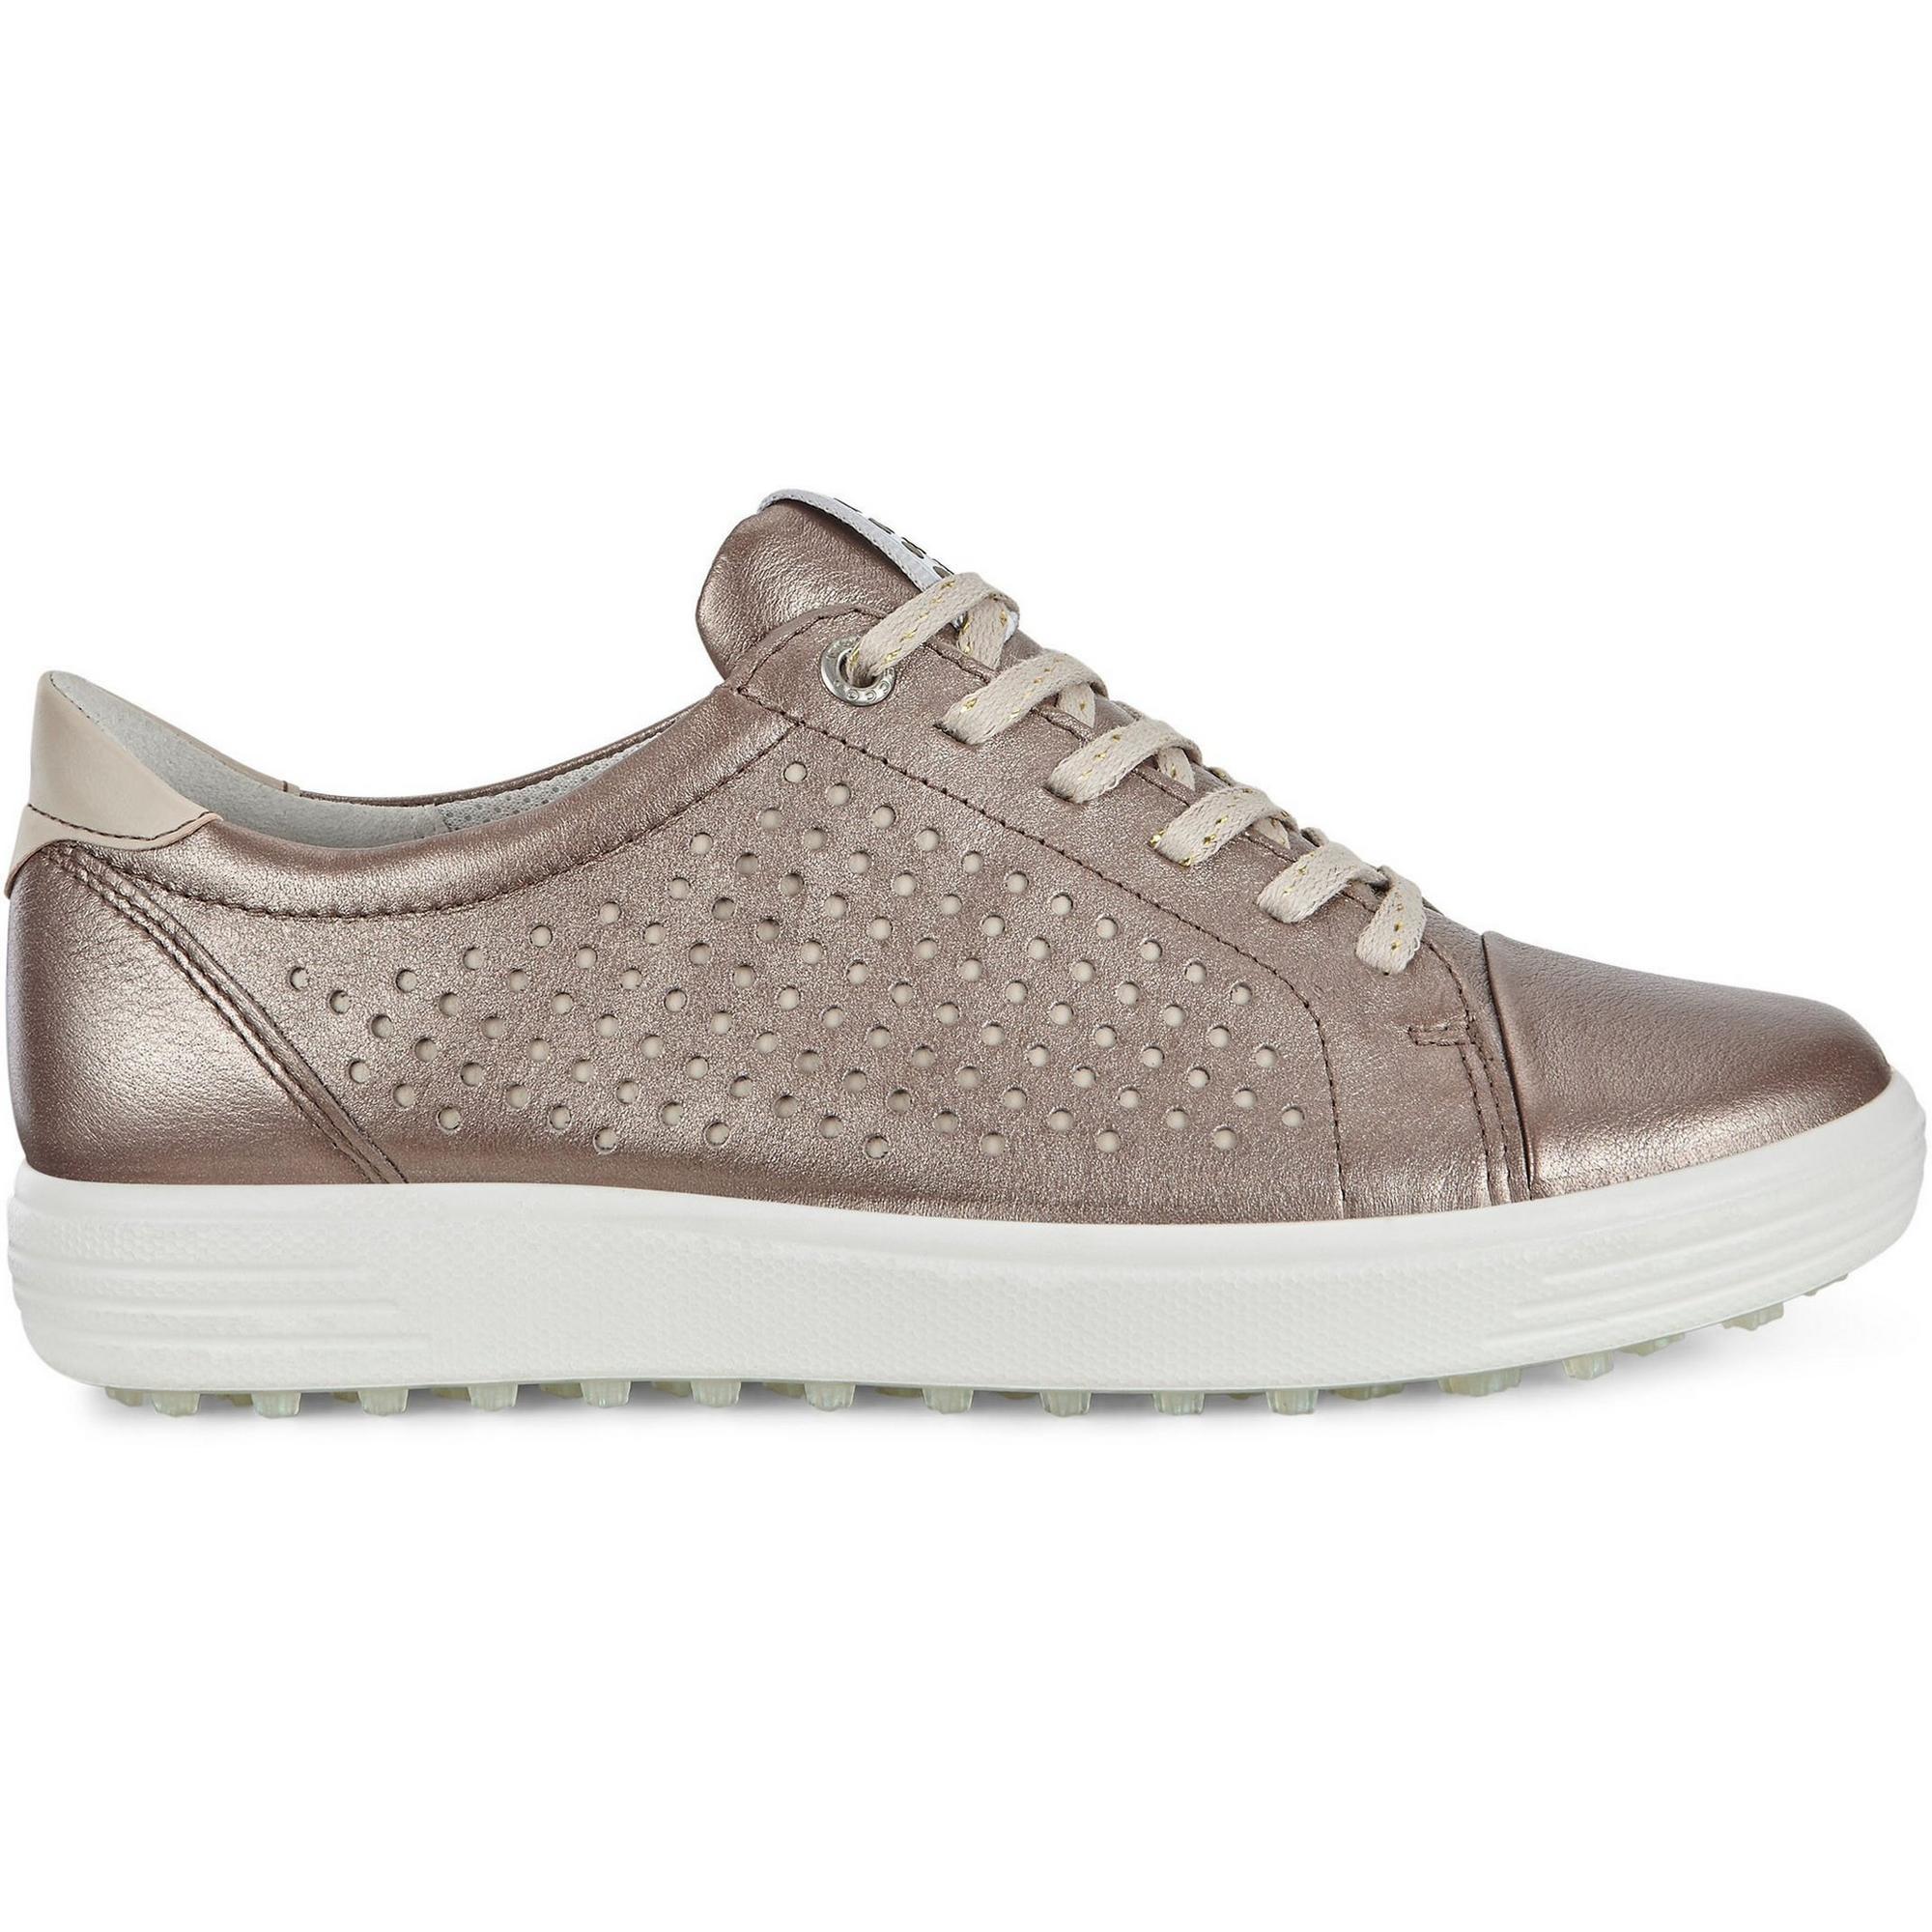 Women's Casual Hybrid Spikeless Golf Shoe - BRNZ/BRNZ